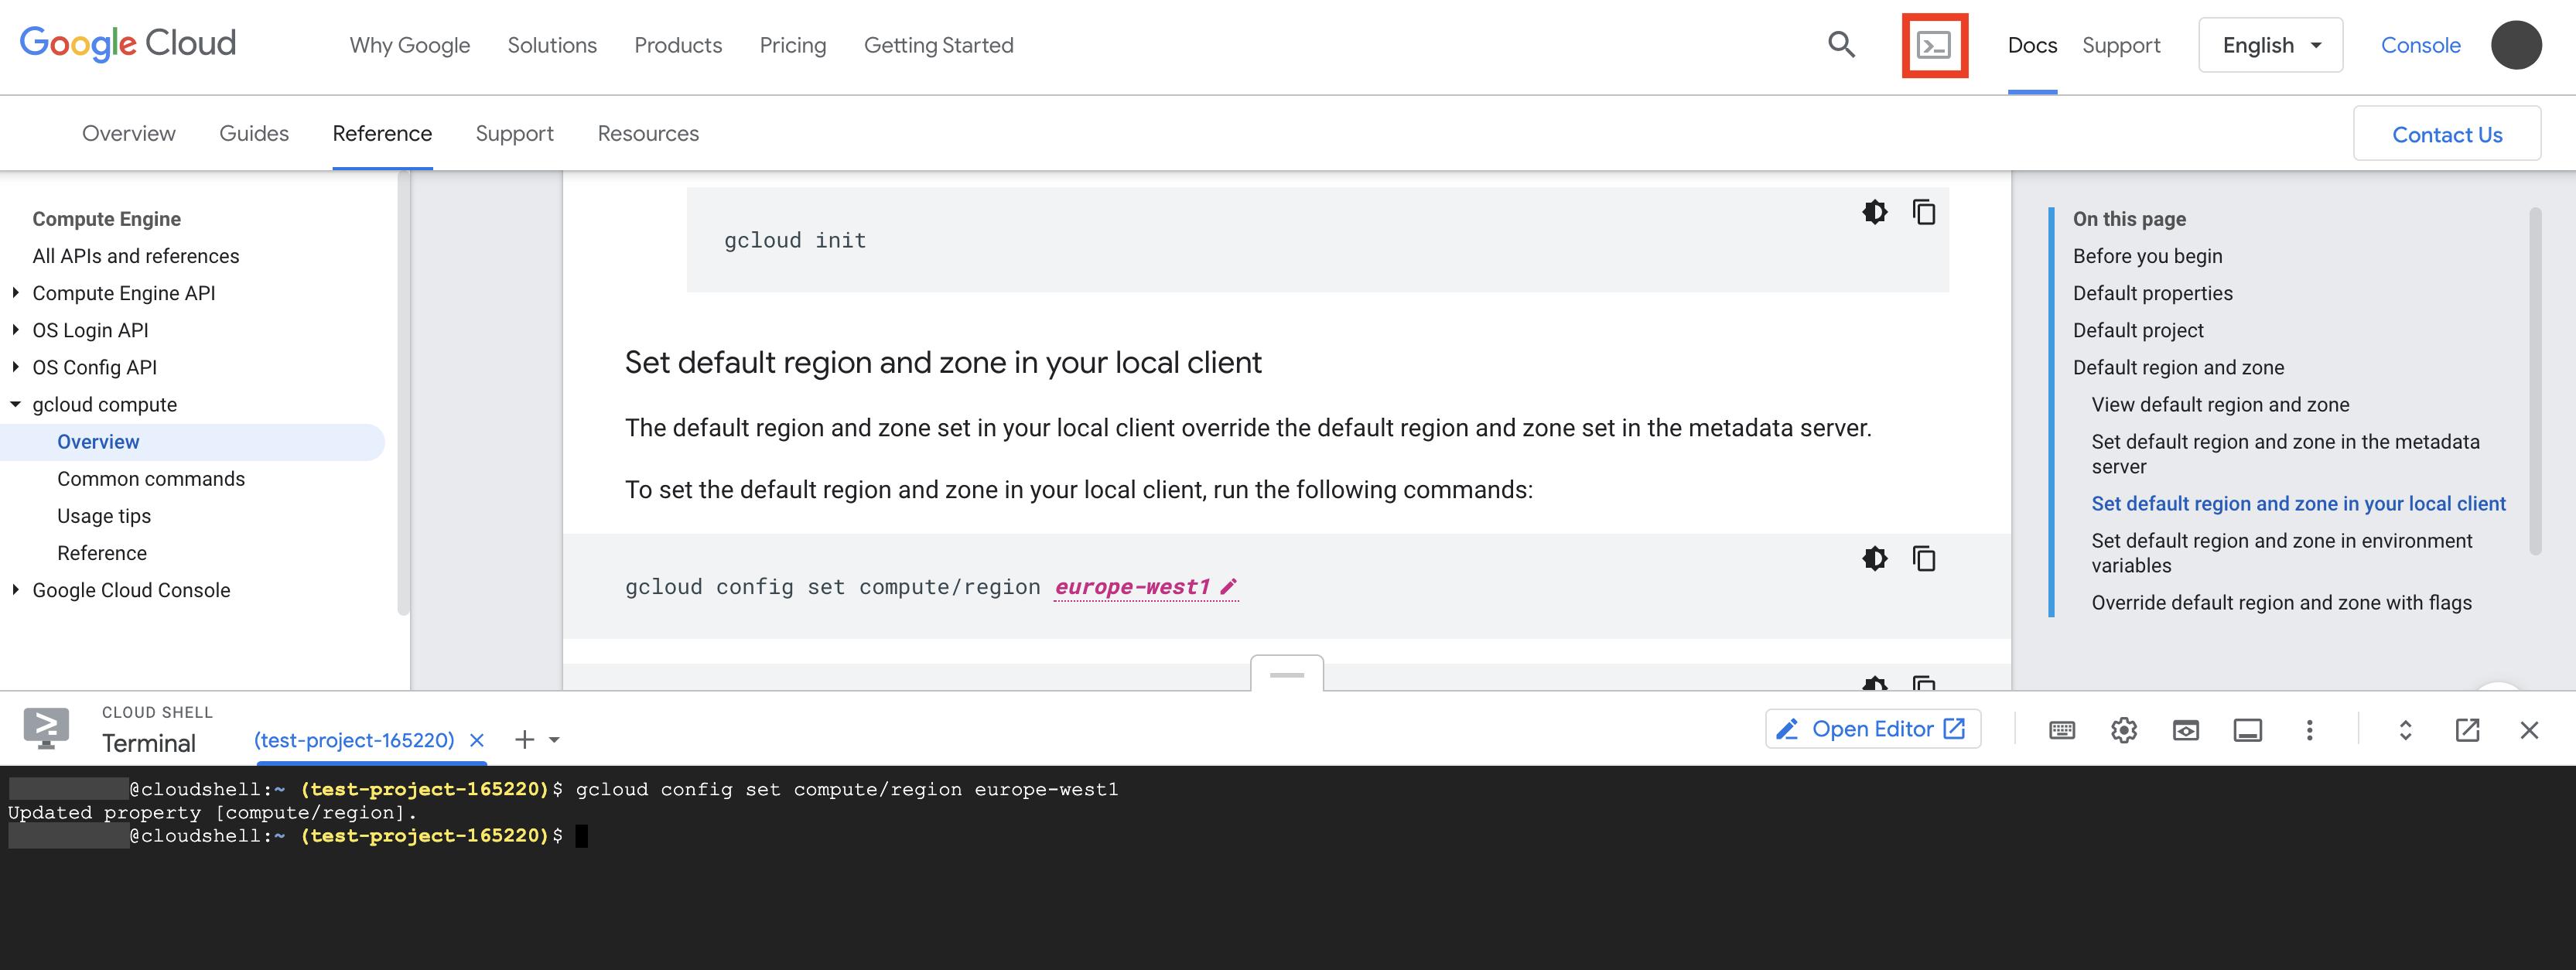 Terminal do Cloud Shell iniciado na metade inferior da página de documentação com um exemplo de comando do gcloud copiado para o terminal do Cloud Shell